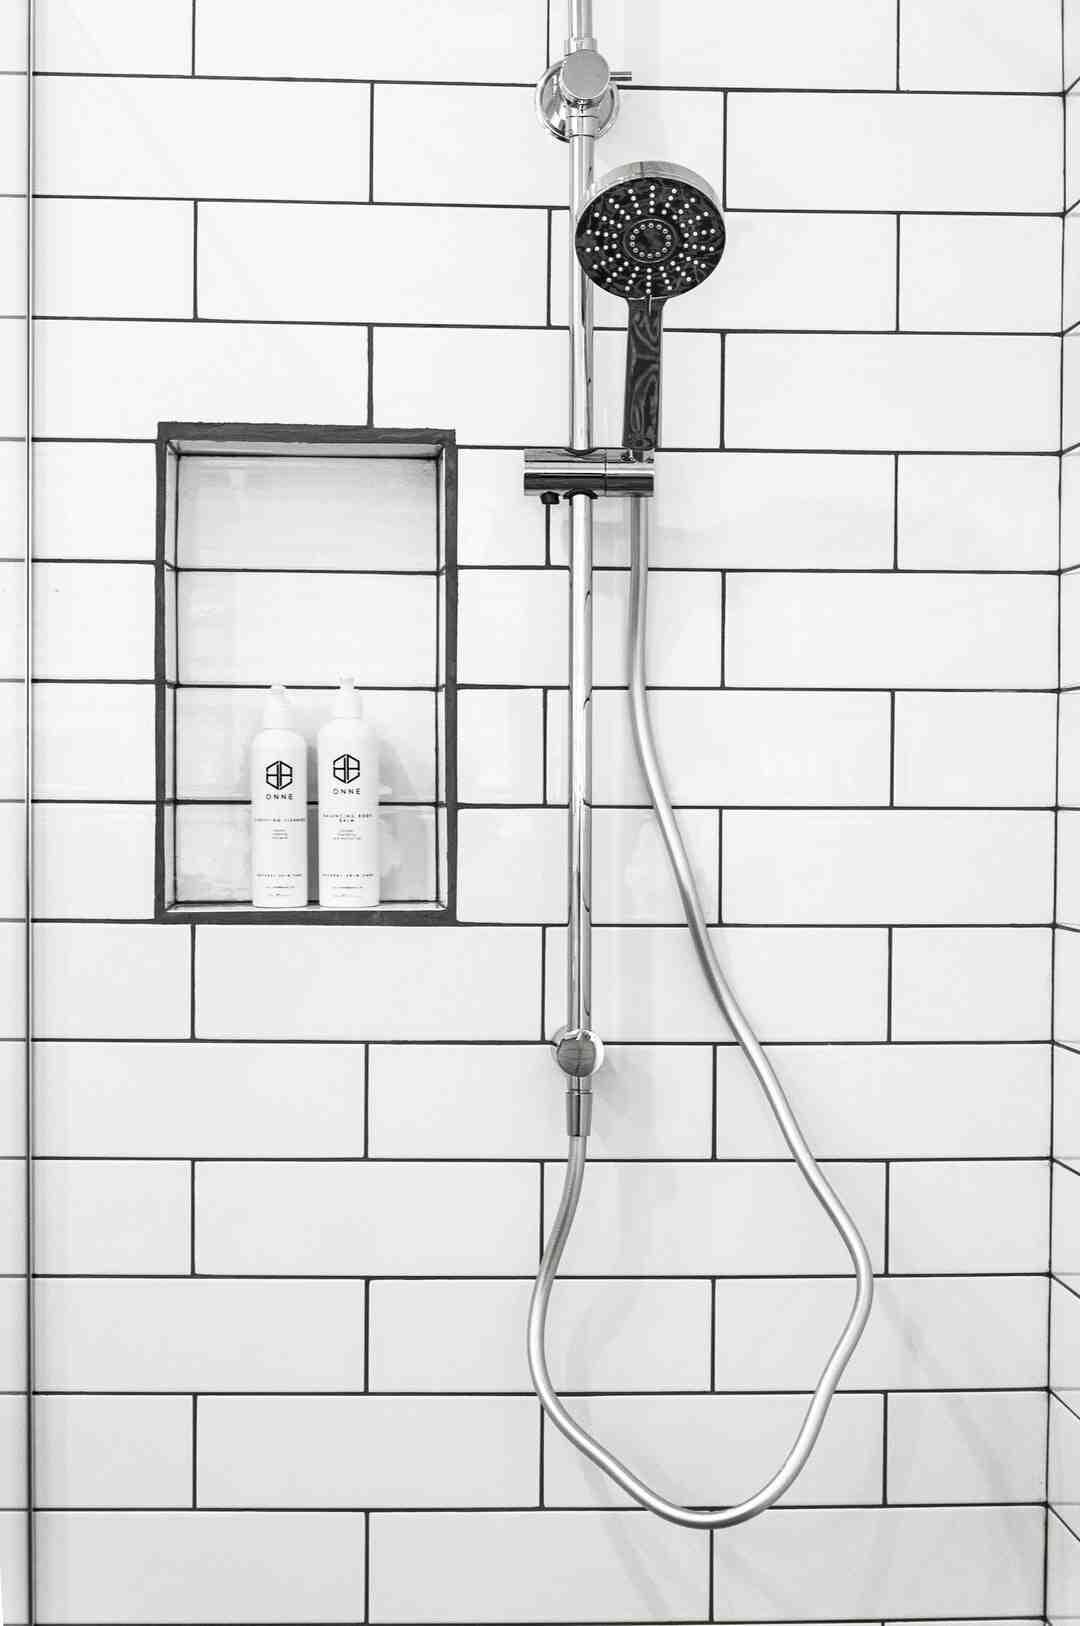 Comment remplacer un robinet de douche